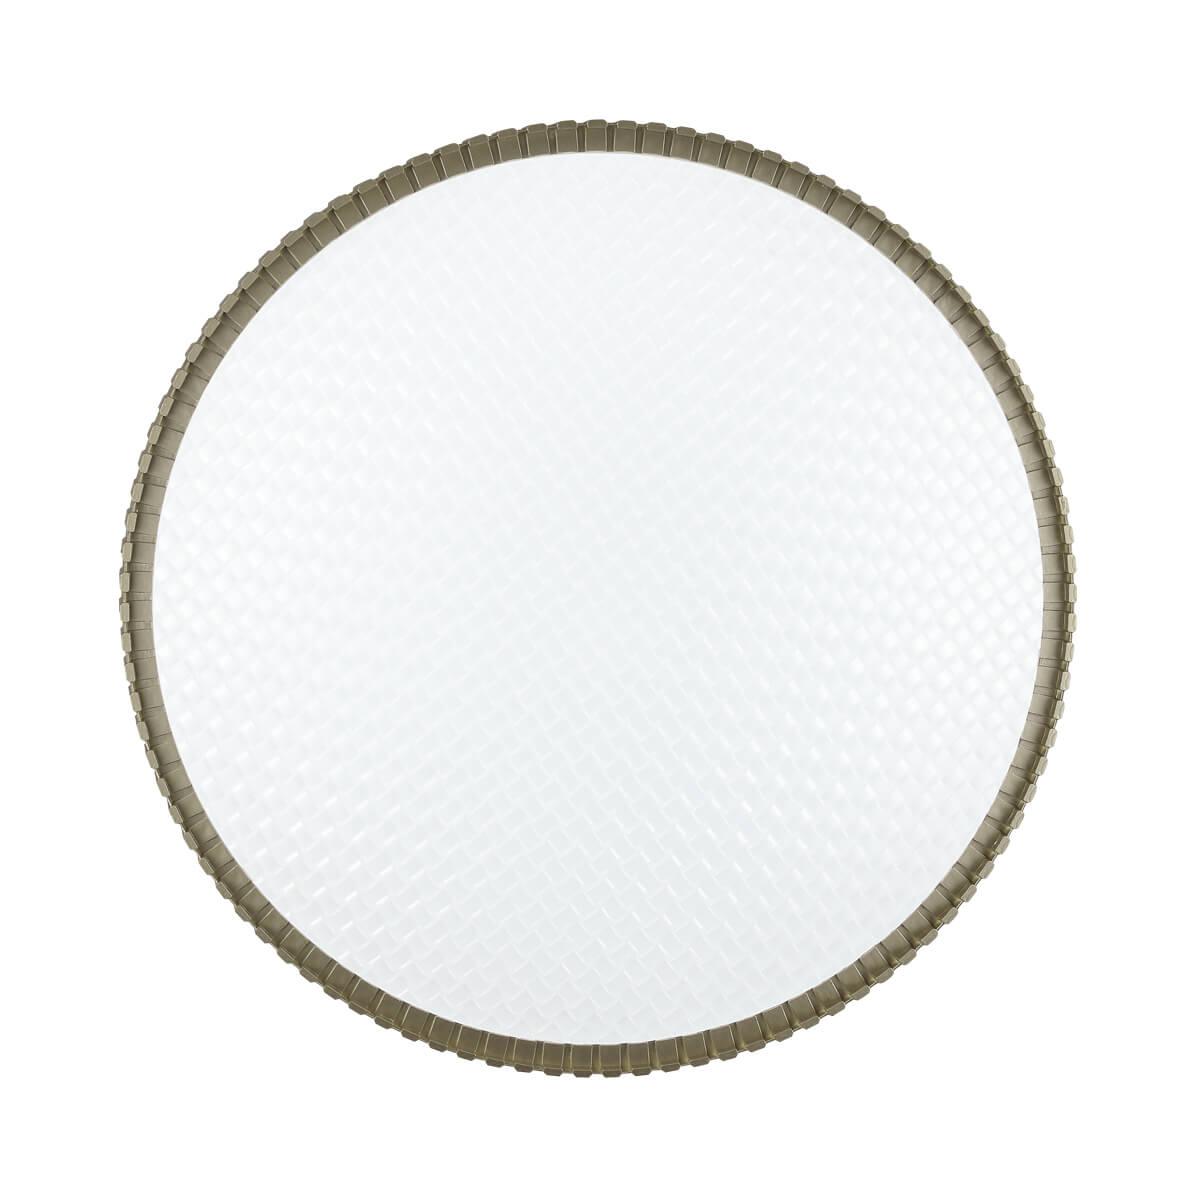 Светильник Sonex 3004/DL светильник sonex 3012 dl